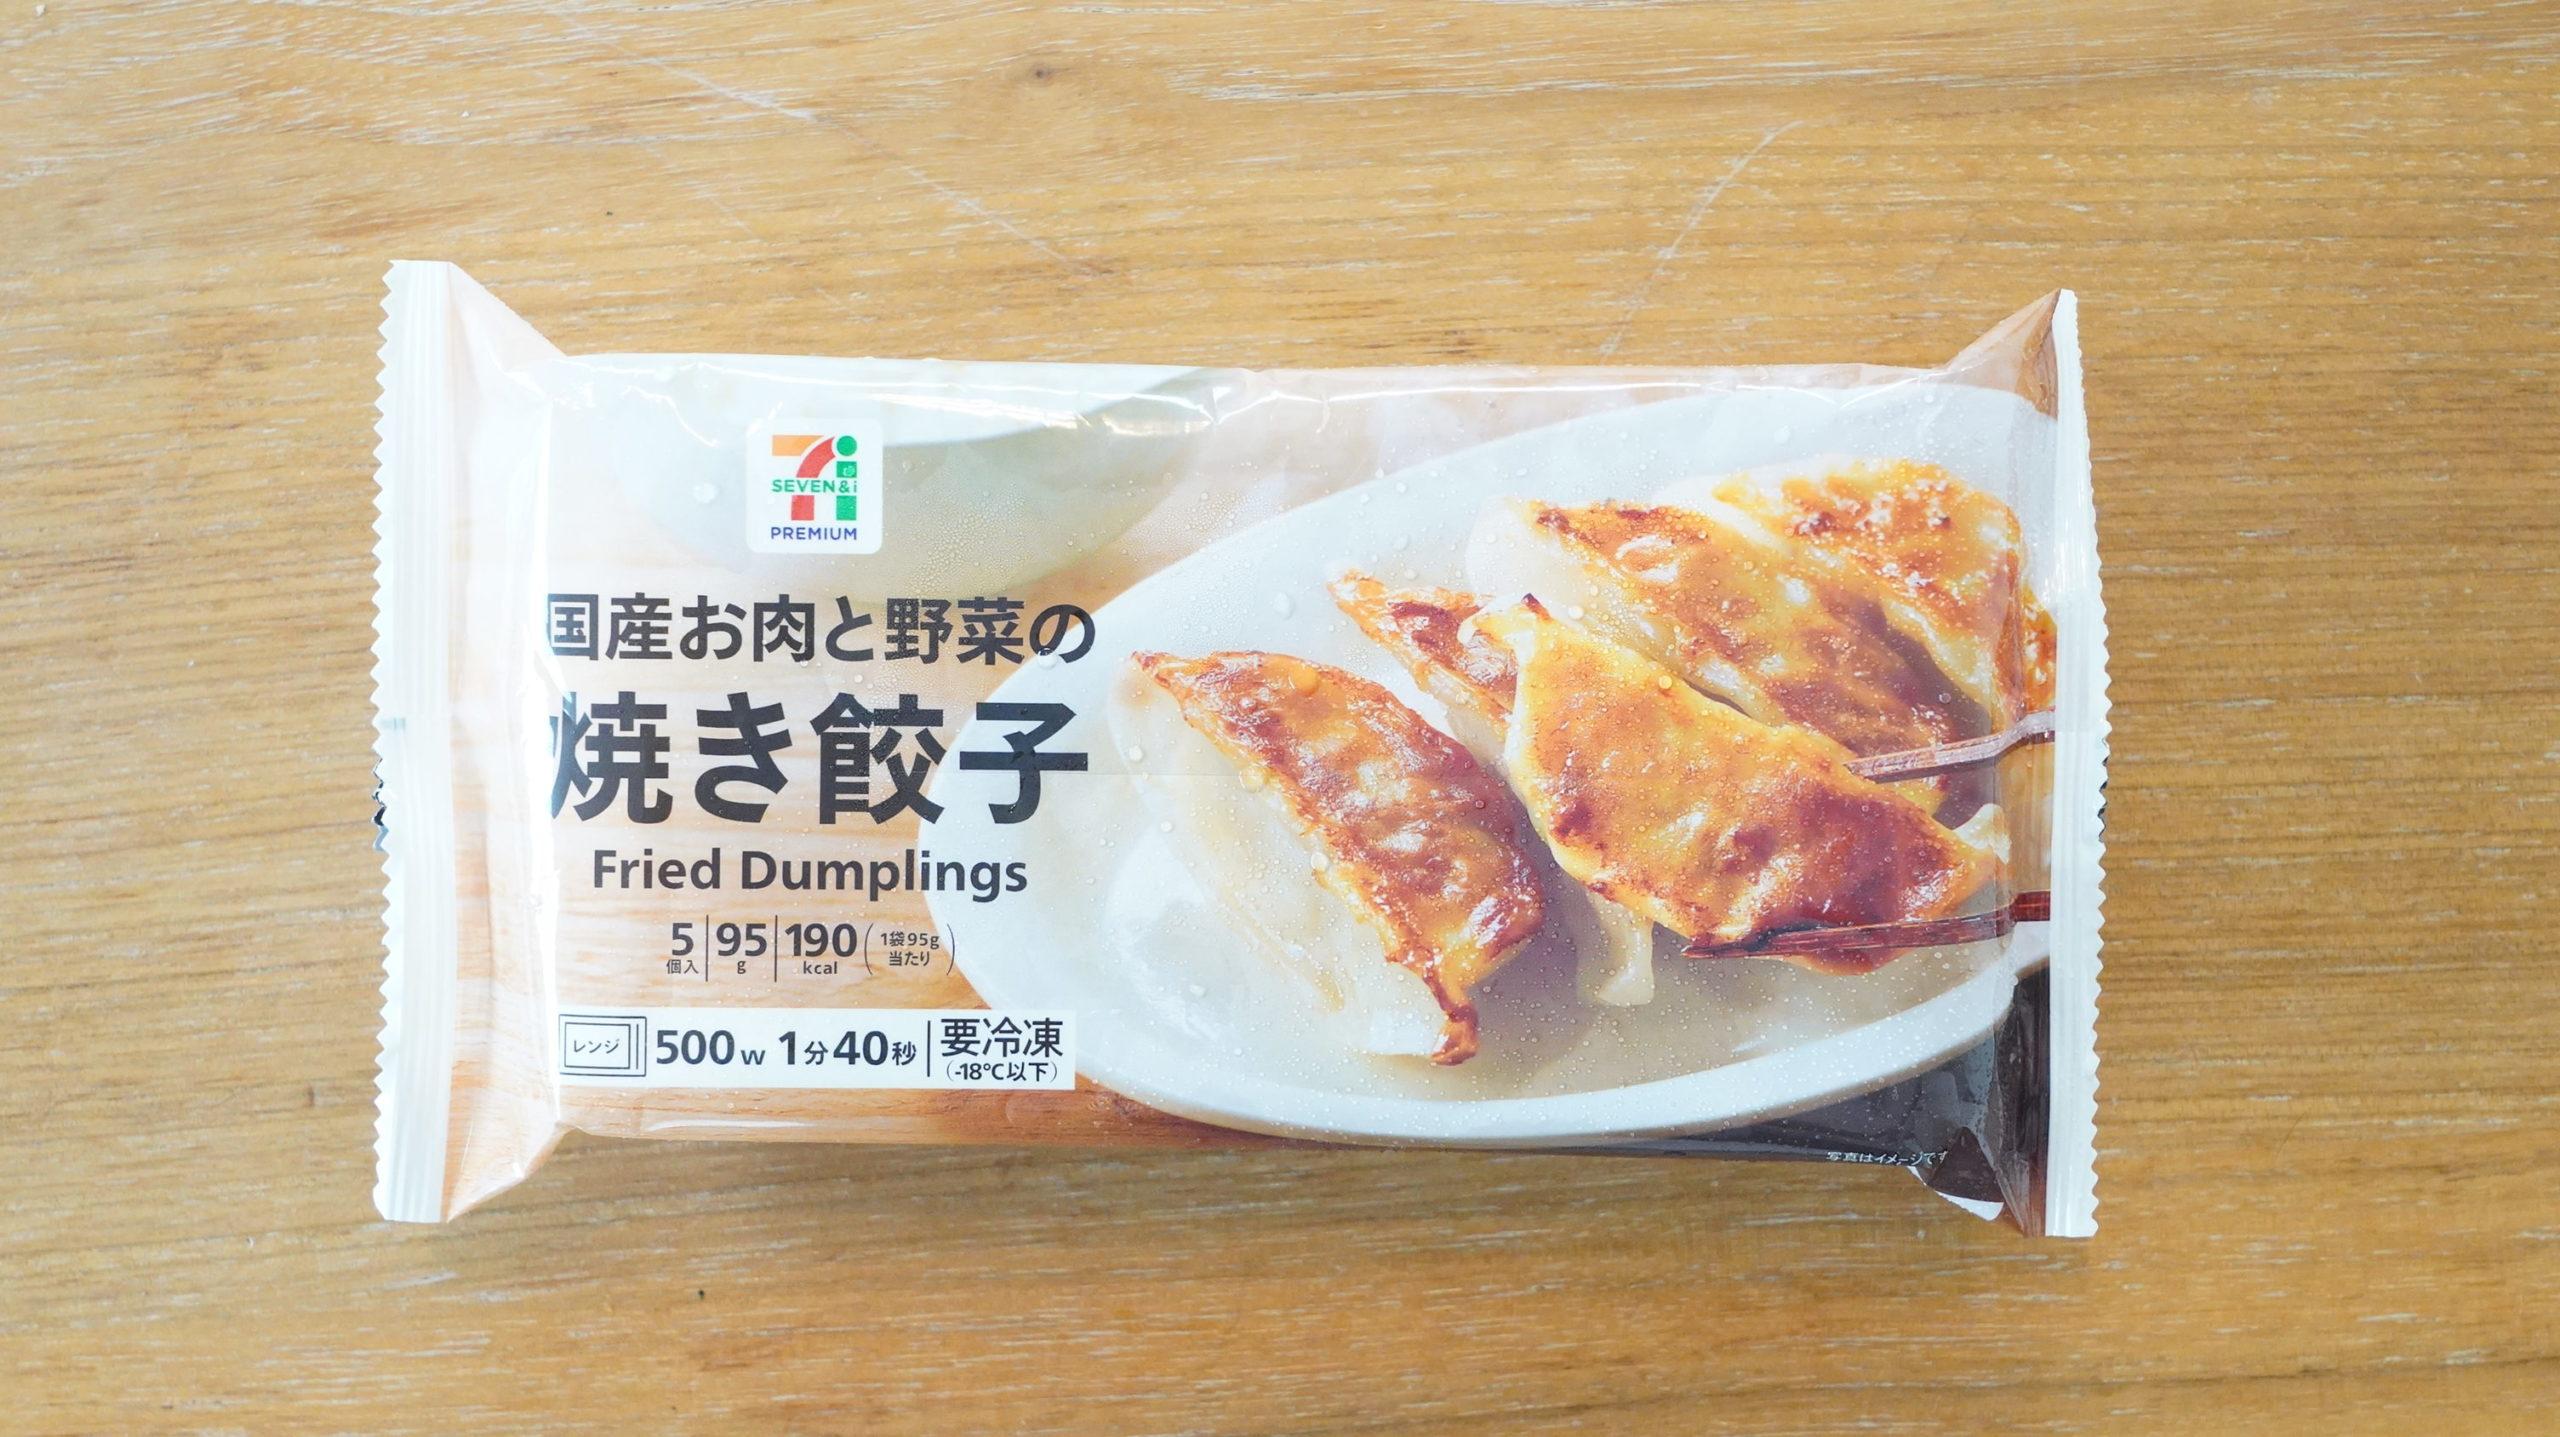 セブンイレブンの冷凍食品「国産お肉と野菜の焼き餃子」のパッケージ写真